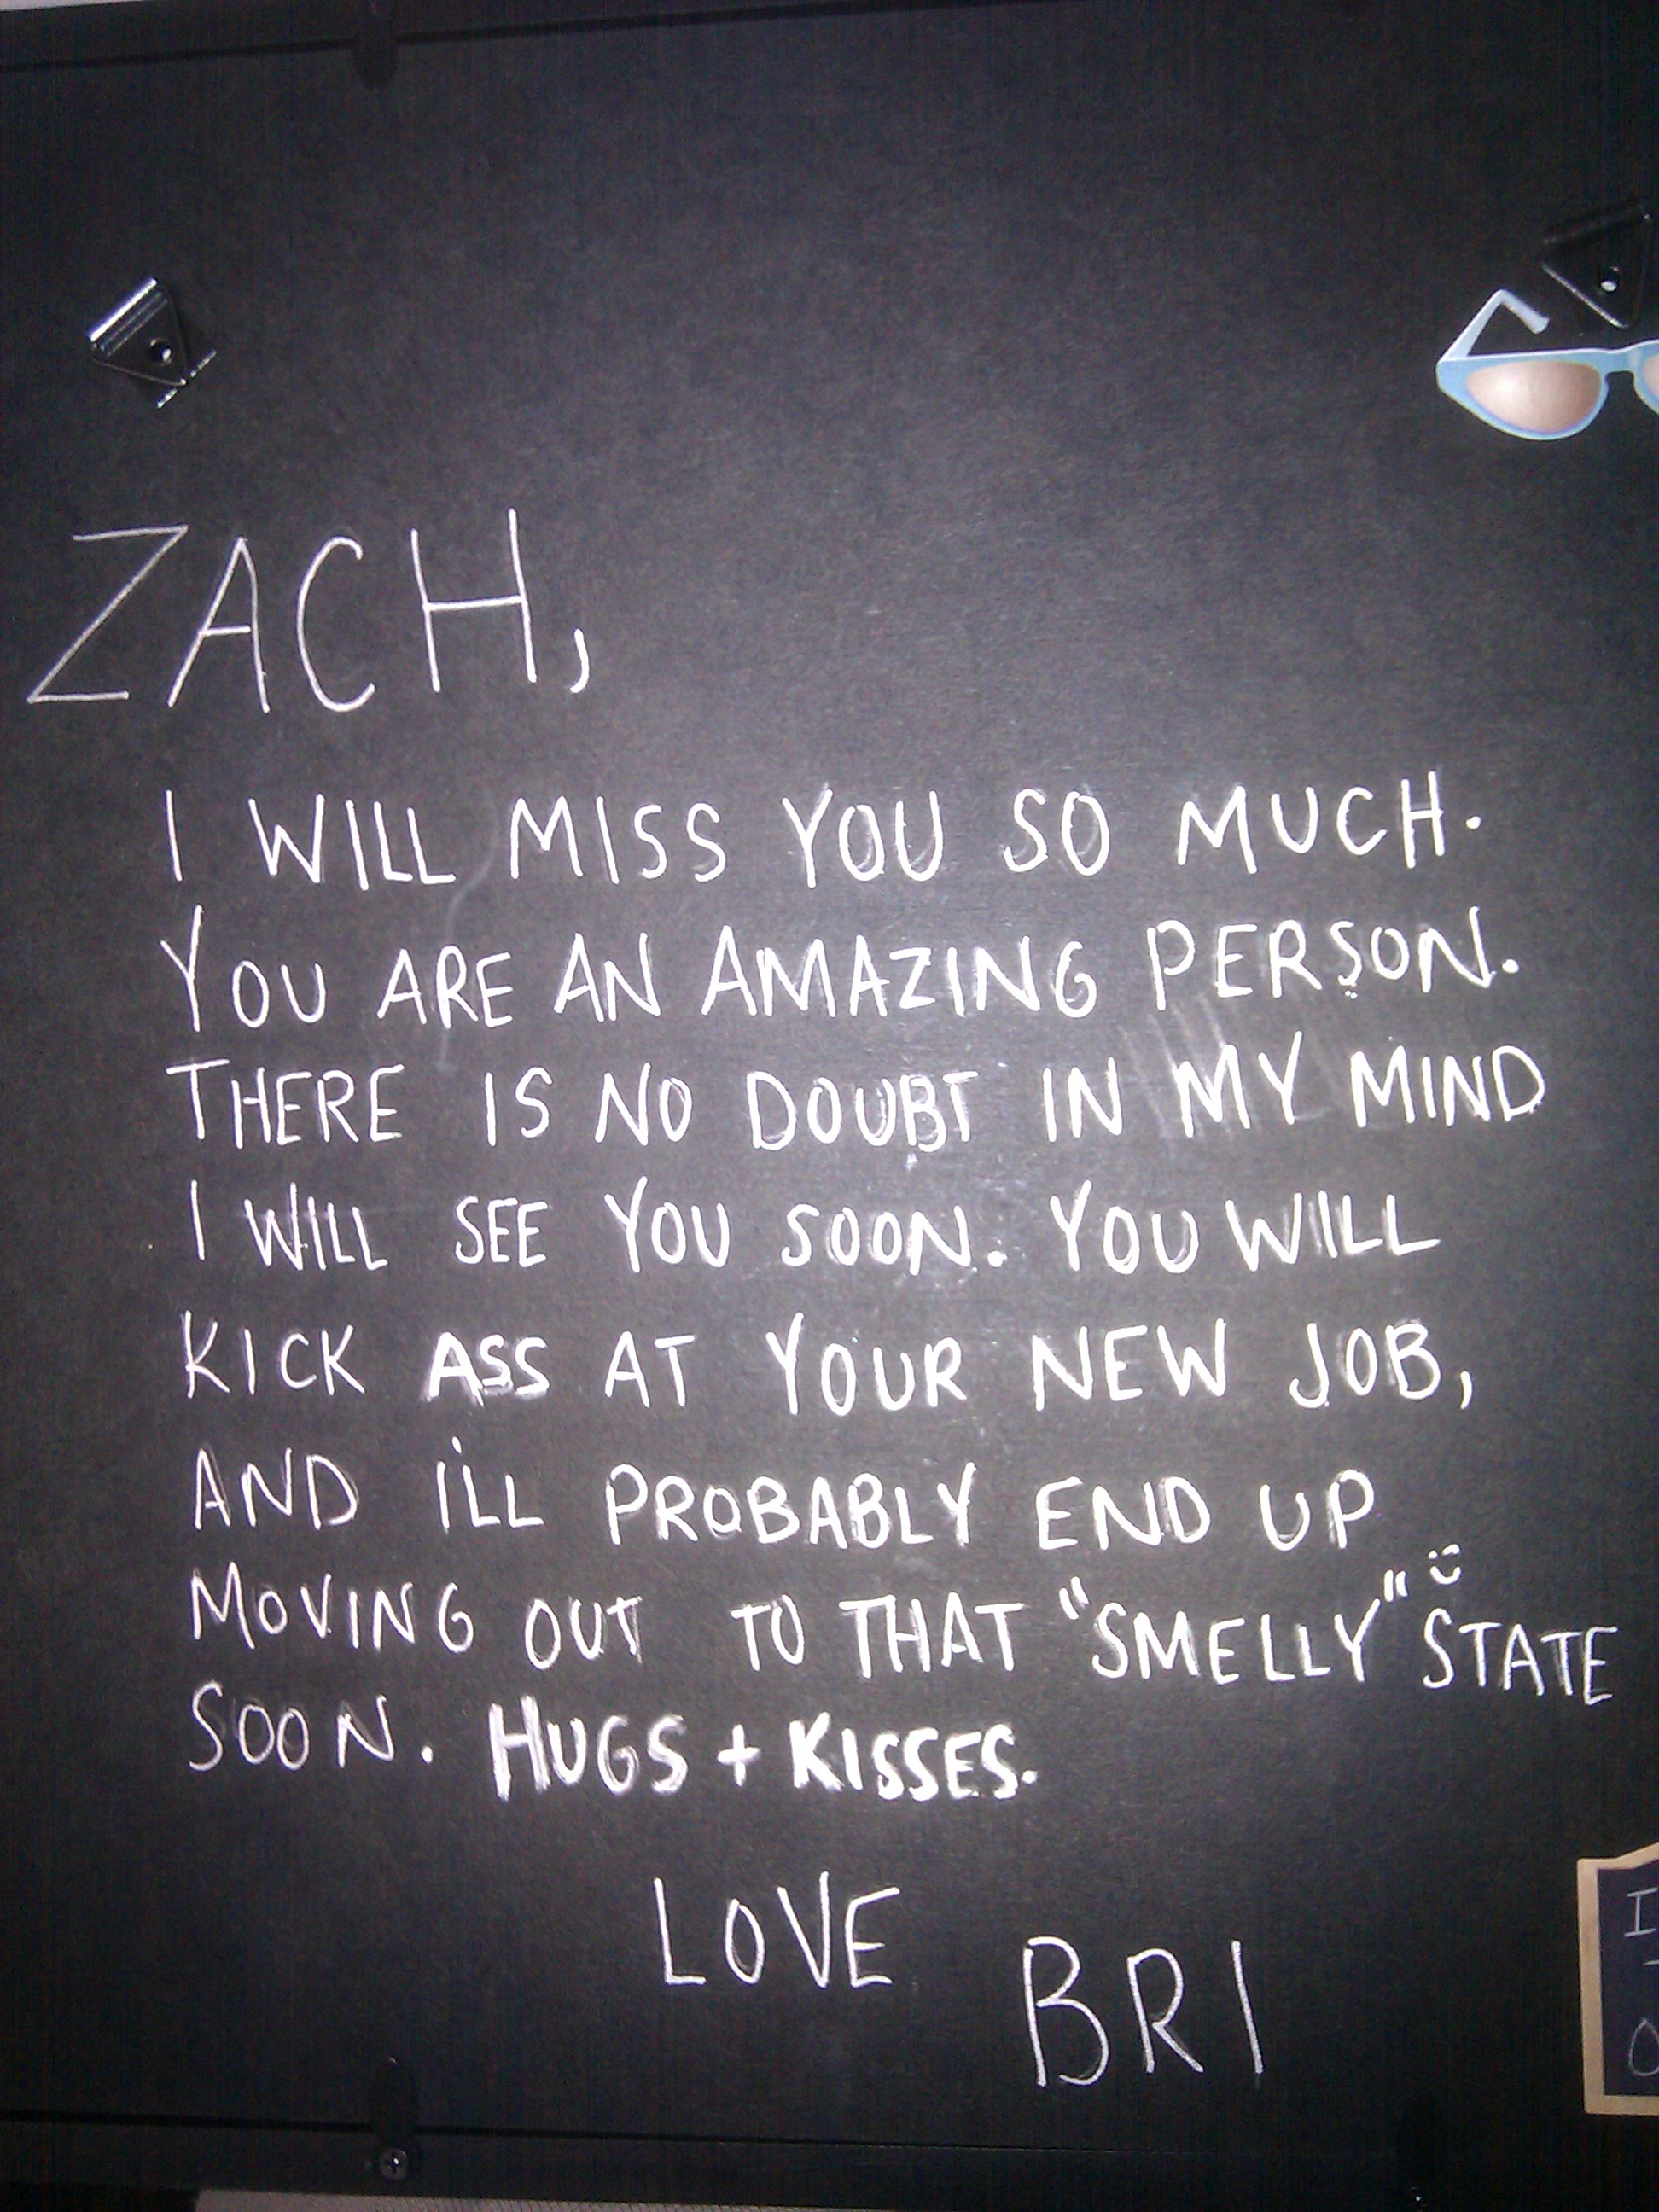 If curiosity can kill a cat, can false hopes kill a Zach?